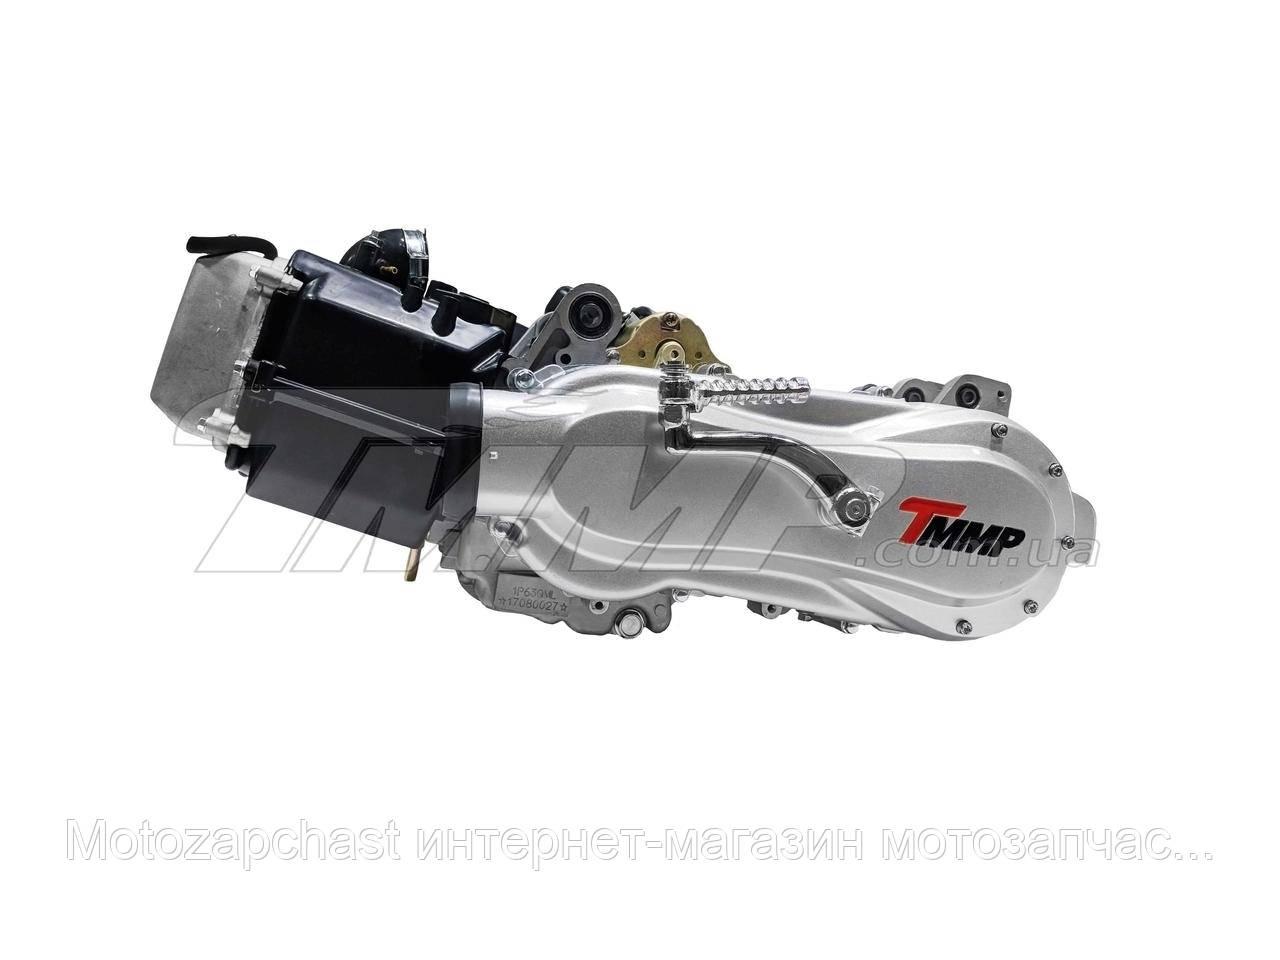 Двигатель квадроцикл ATV-180сс (1P63QML) TMMP RACING